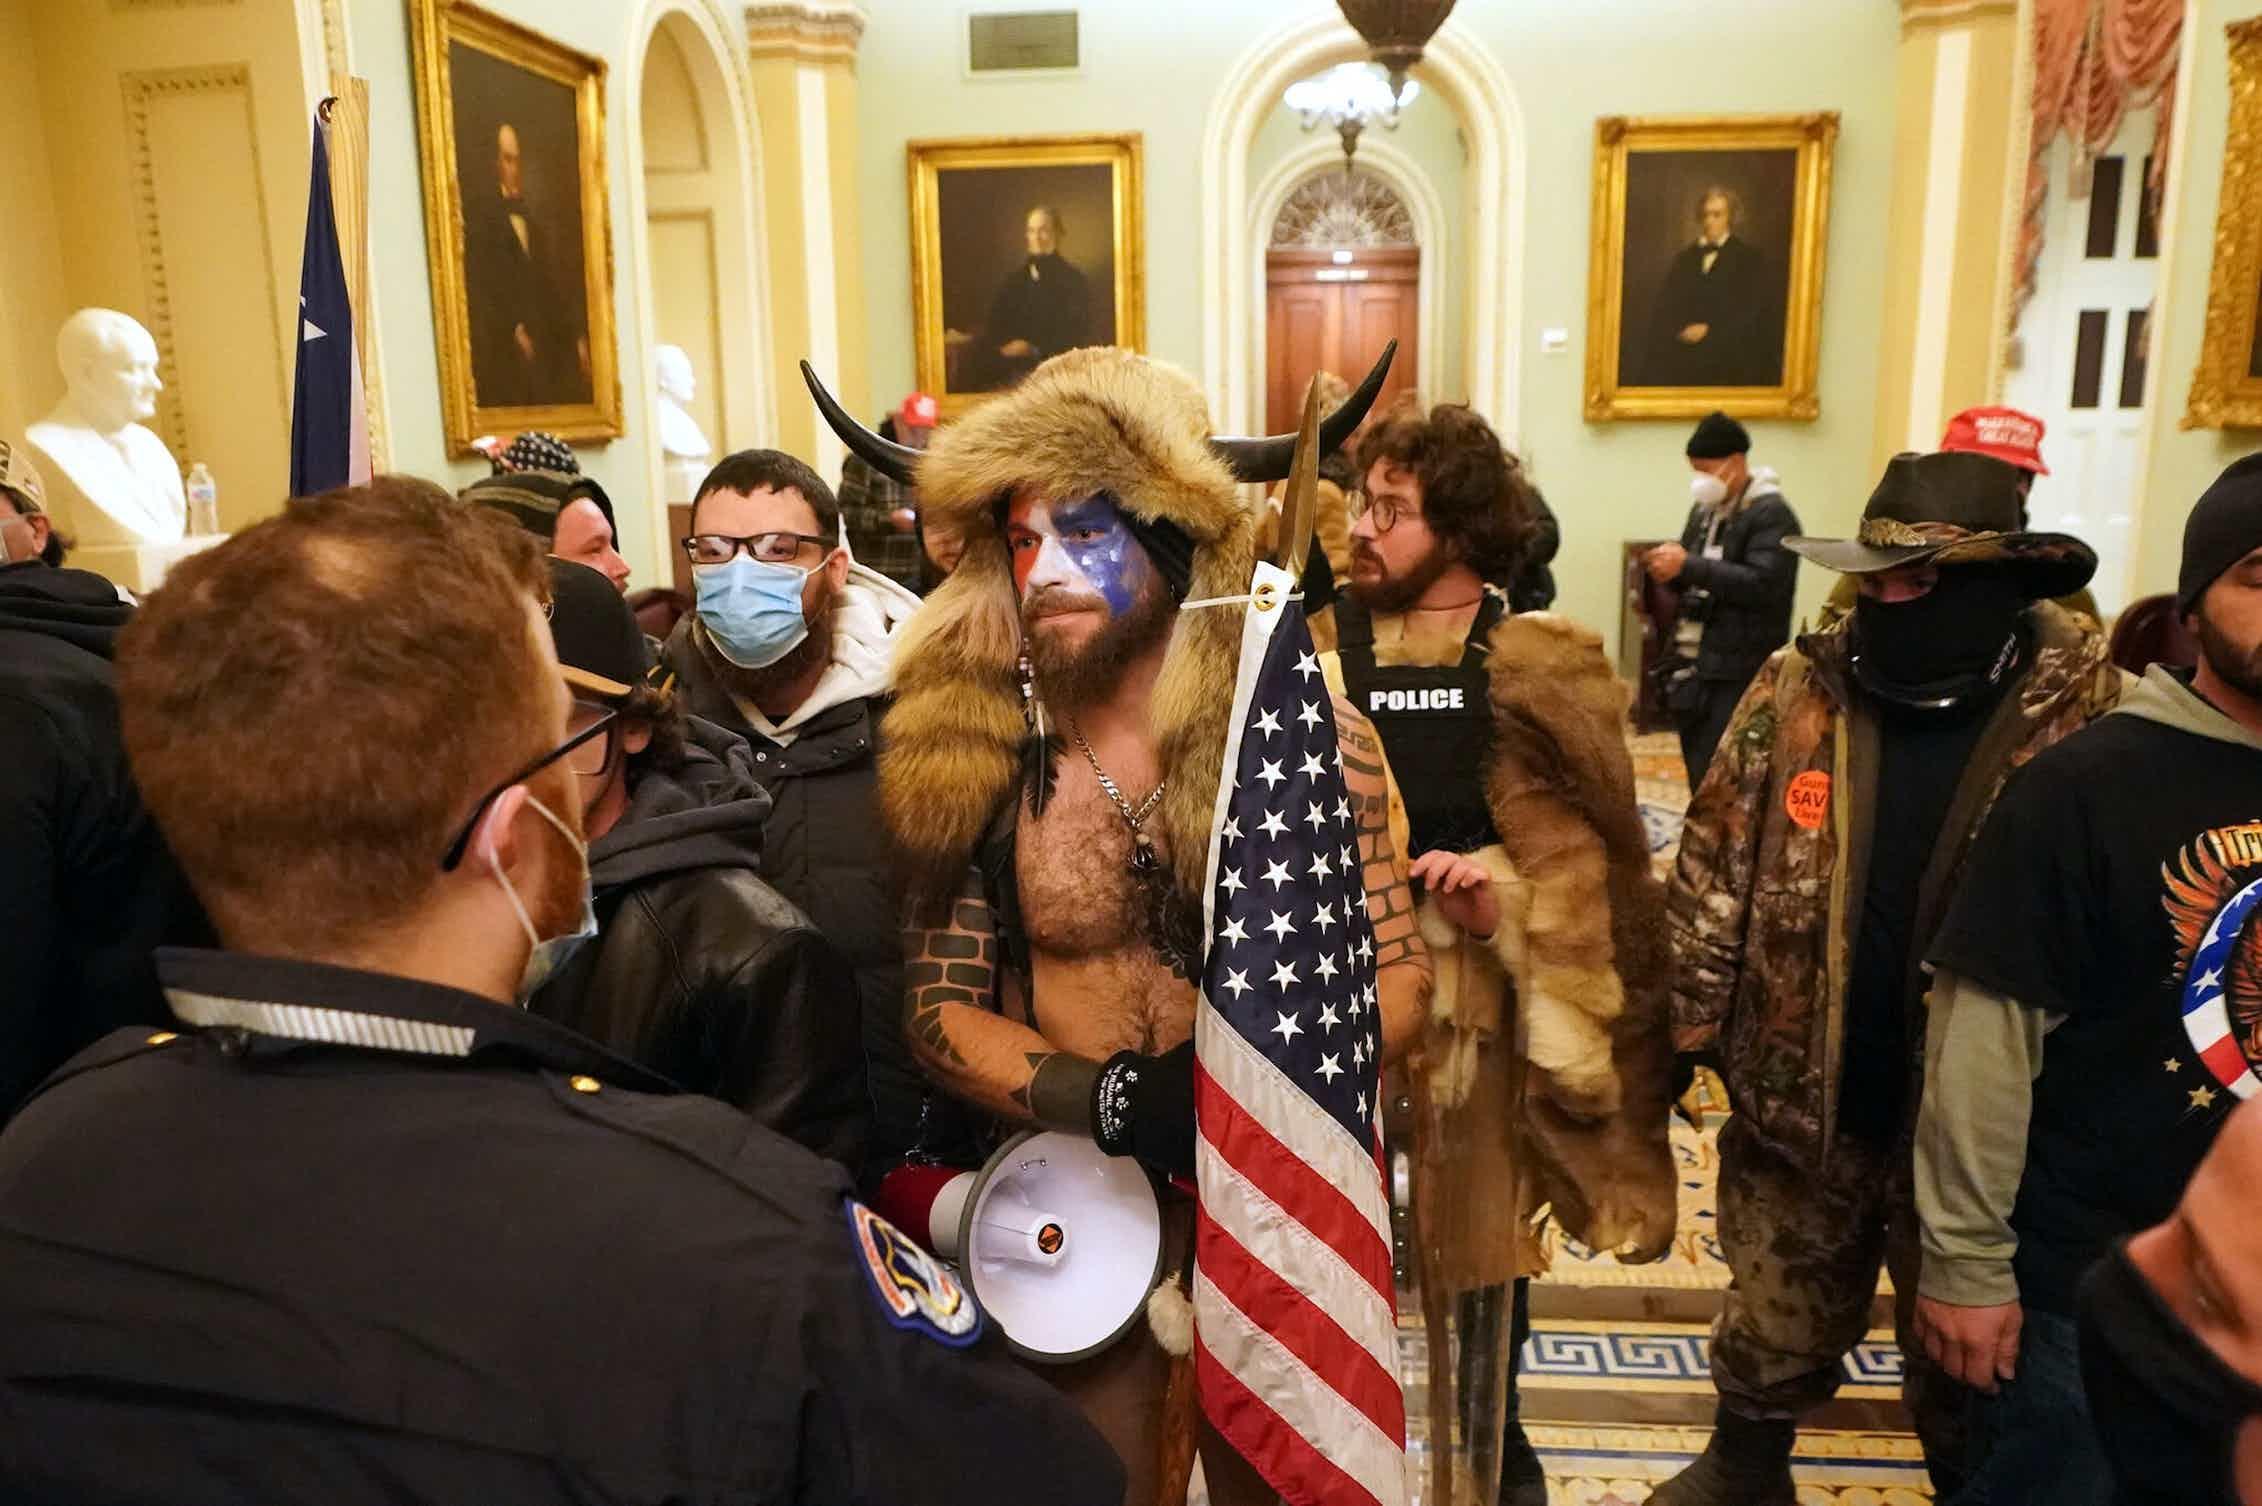 Manifestantes en el interior del Capitolio se encaran con la policía. Washington, 6 de enero de 2021.Shutterstock / Alex Gakos